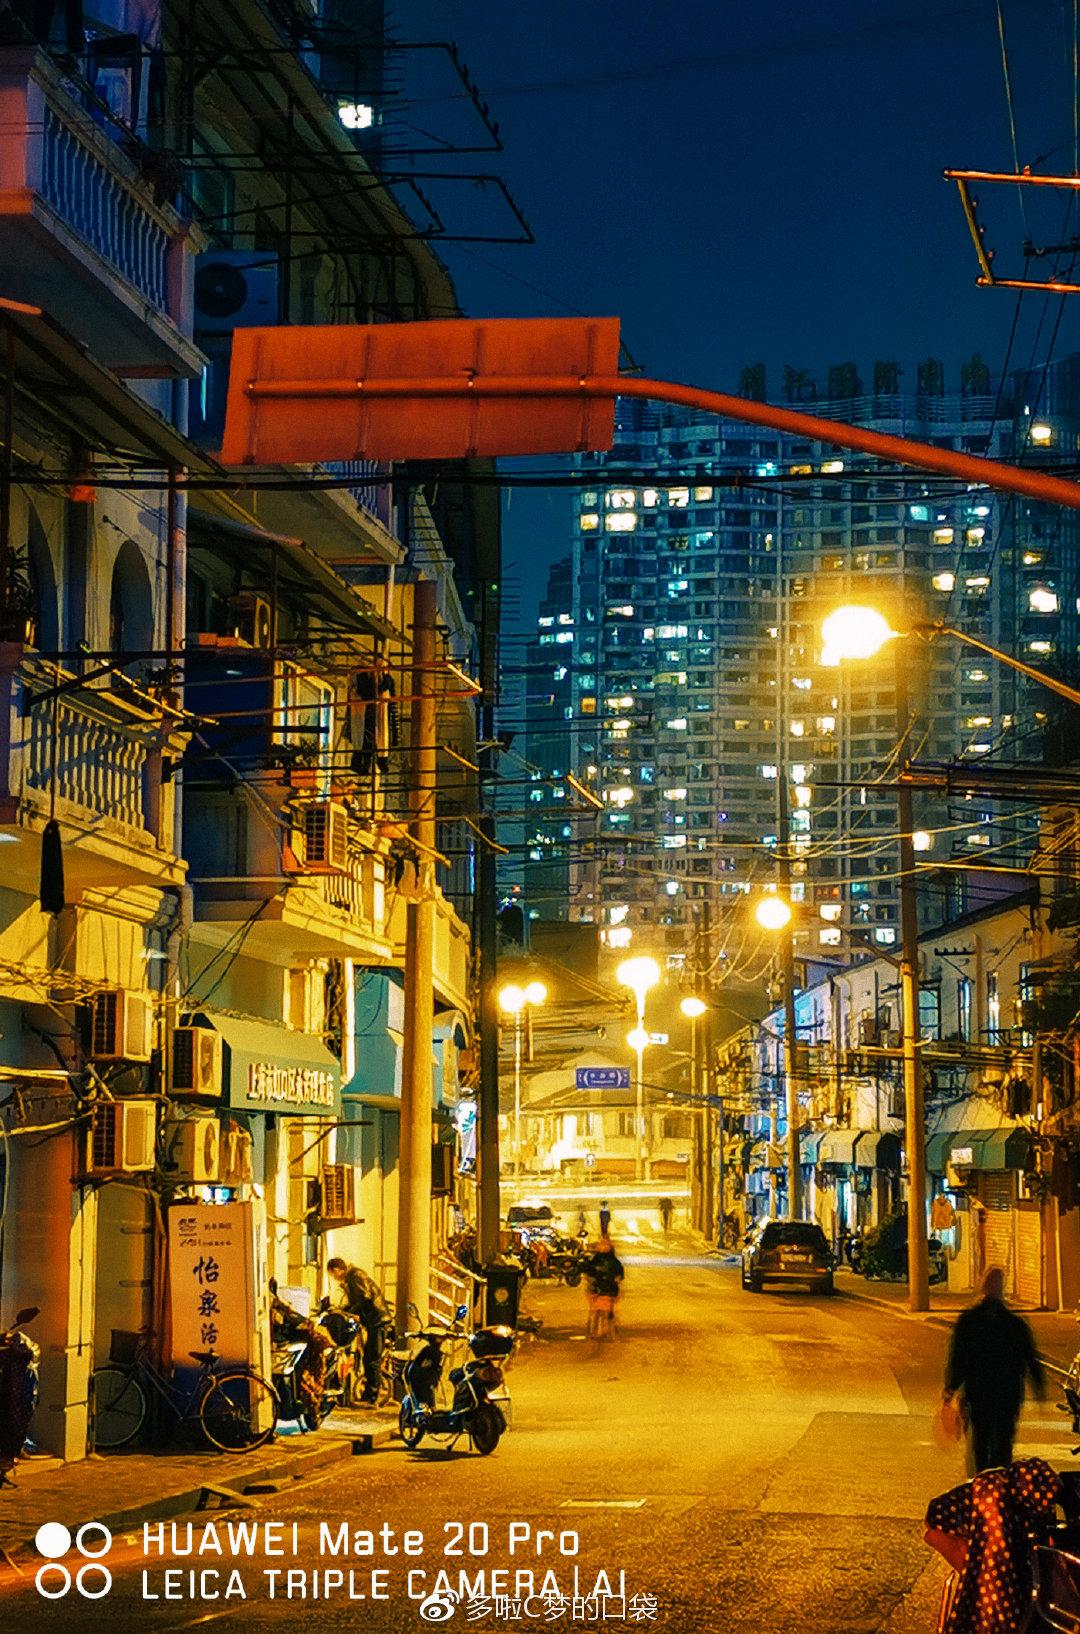 延安高架灯火霓裳,老场坊里流淌时光,再次认识上海这个钢筋混凝土丛